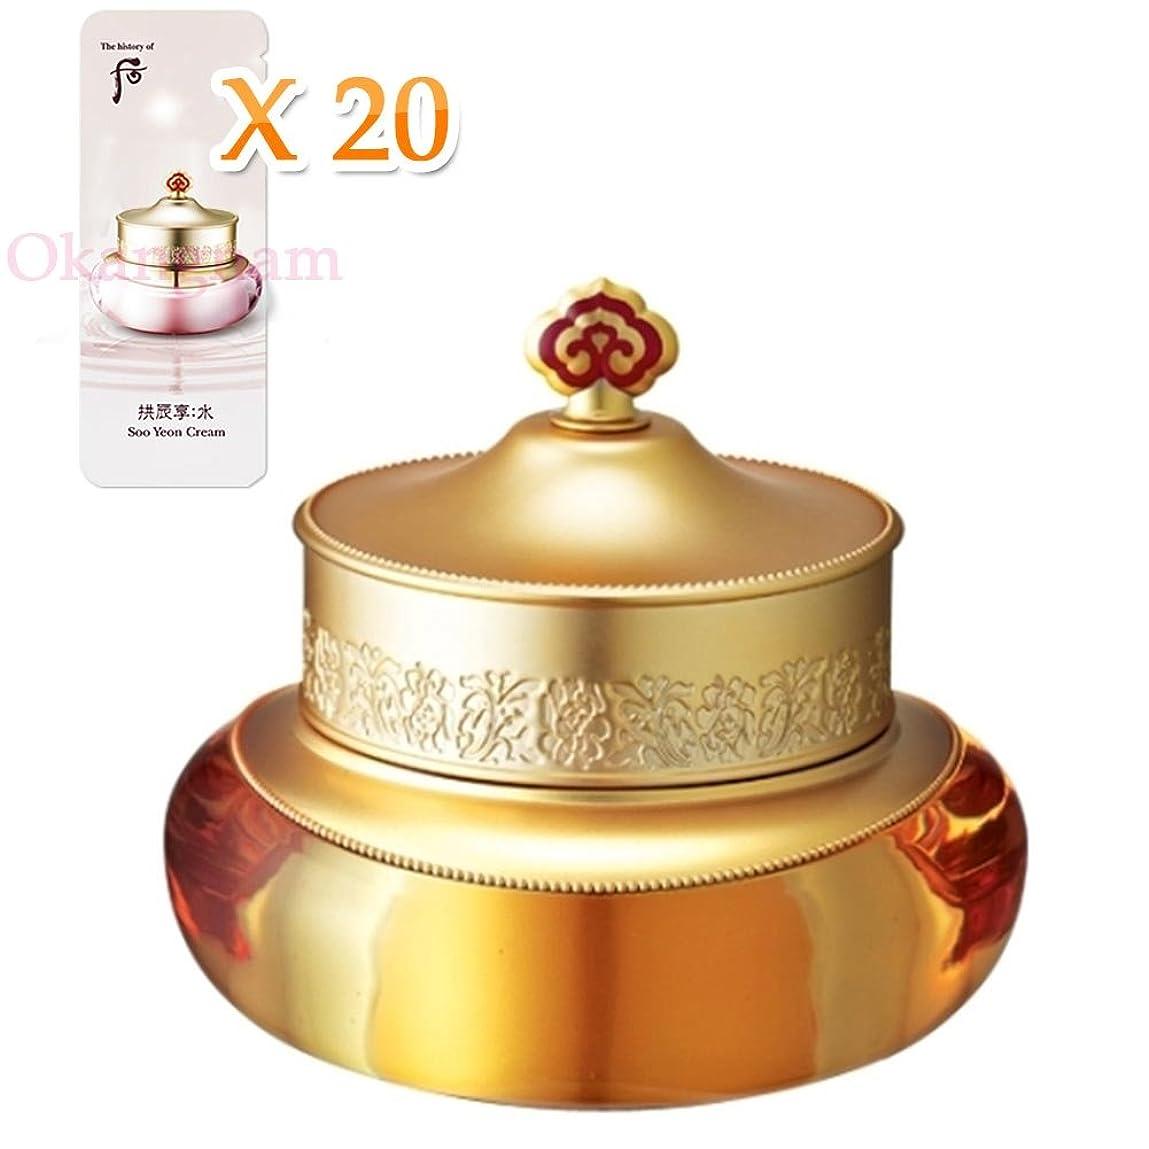 覗く毒性溶ける【フー/The history of whoo] Whoo 后 KGH06 Qi & Jin Cream/后(フー) ゴンジンヒャン キエンジンクリーム 50ml + [Sample Gift](海外直送品)